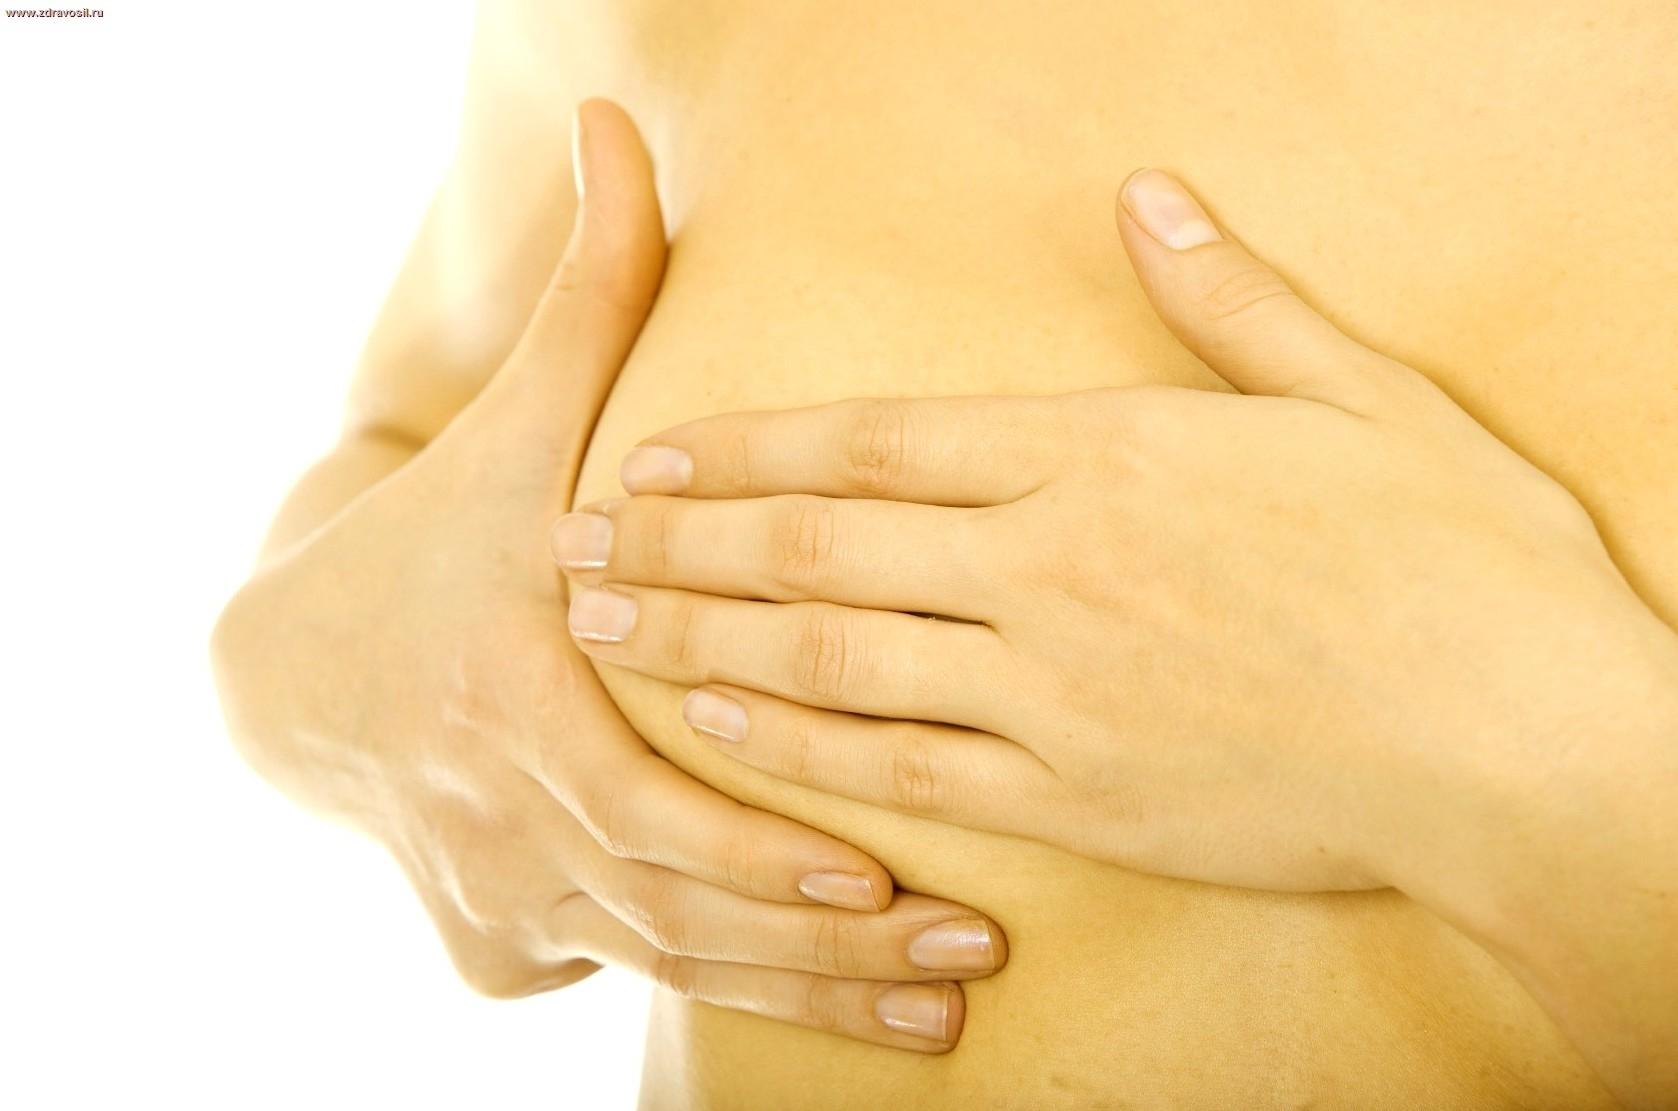 Гомеопатия пульсатилла для лечения детей